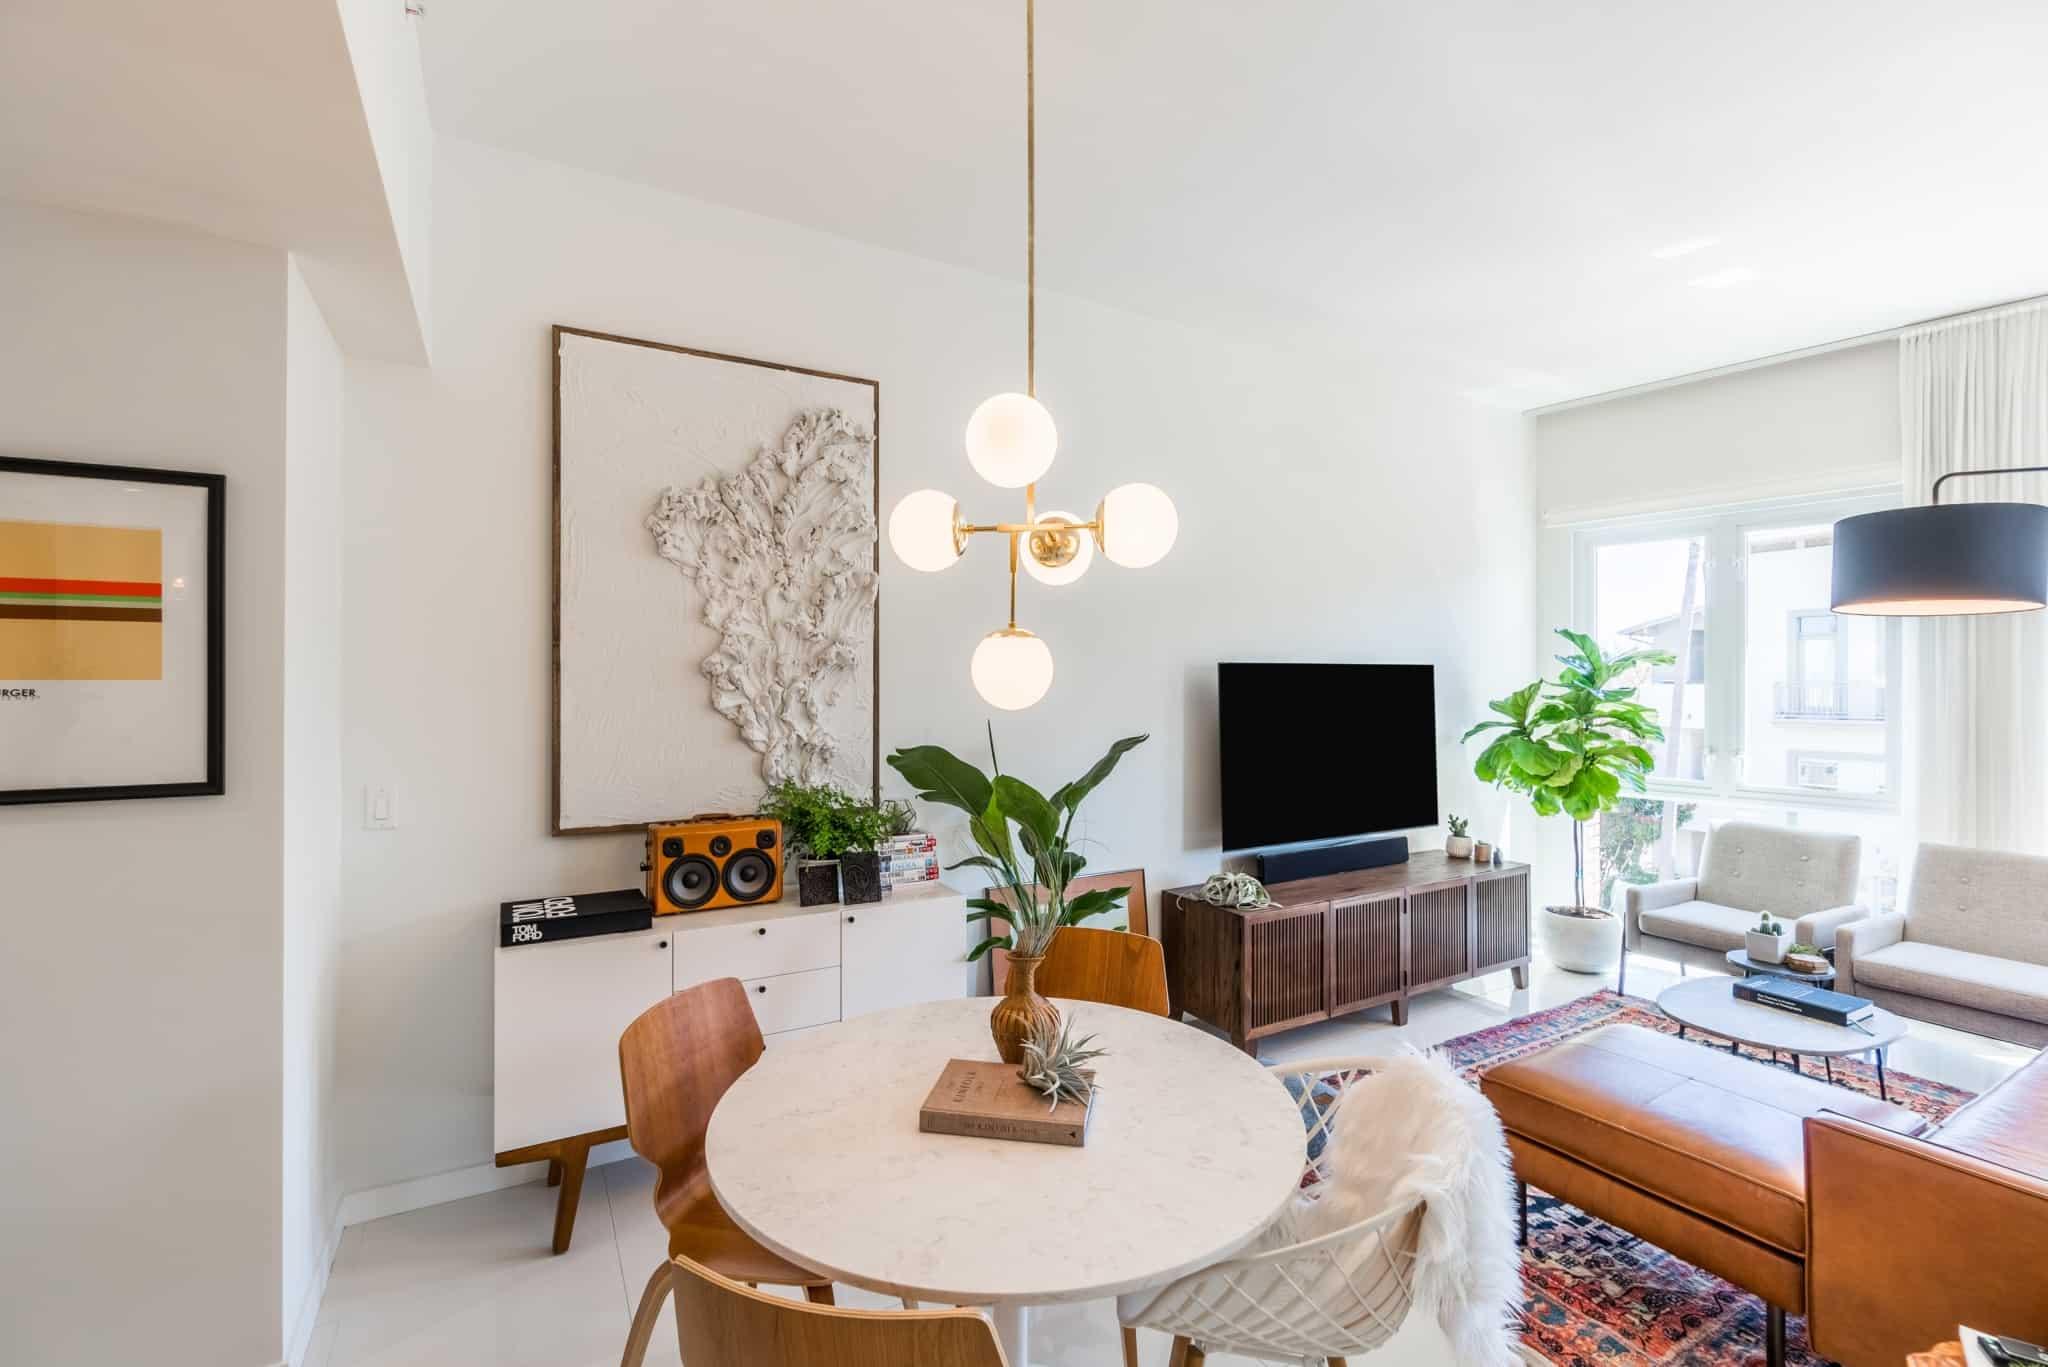 sala de estar com televisão sofã e mesa redonda com 4 cadeiras